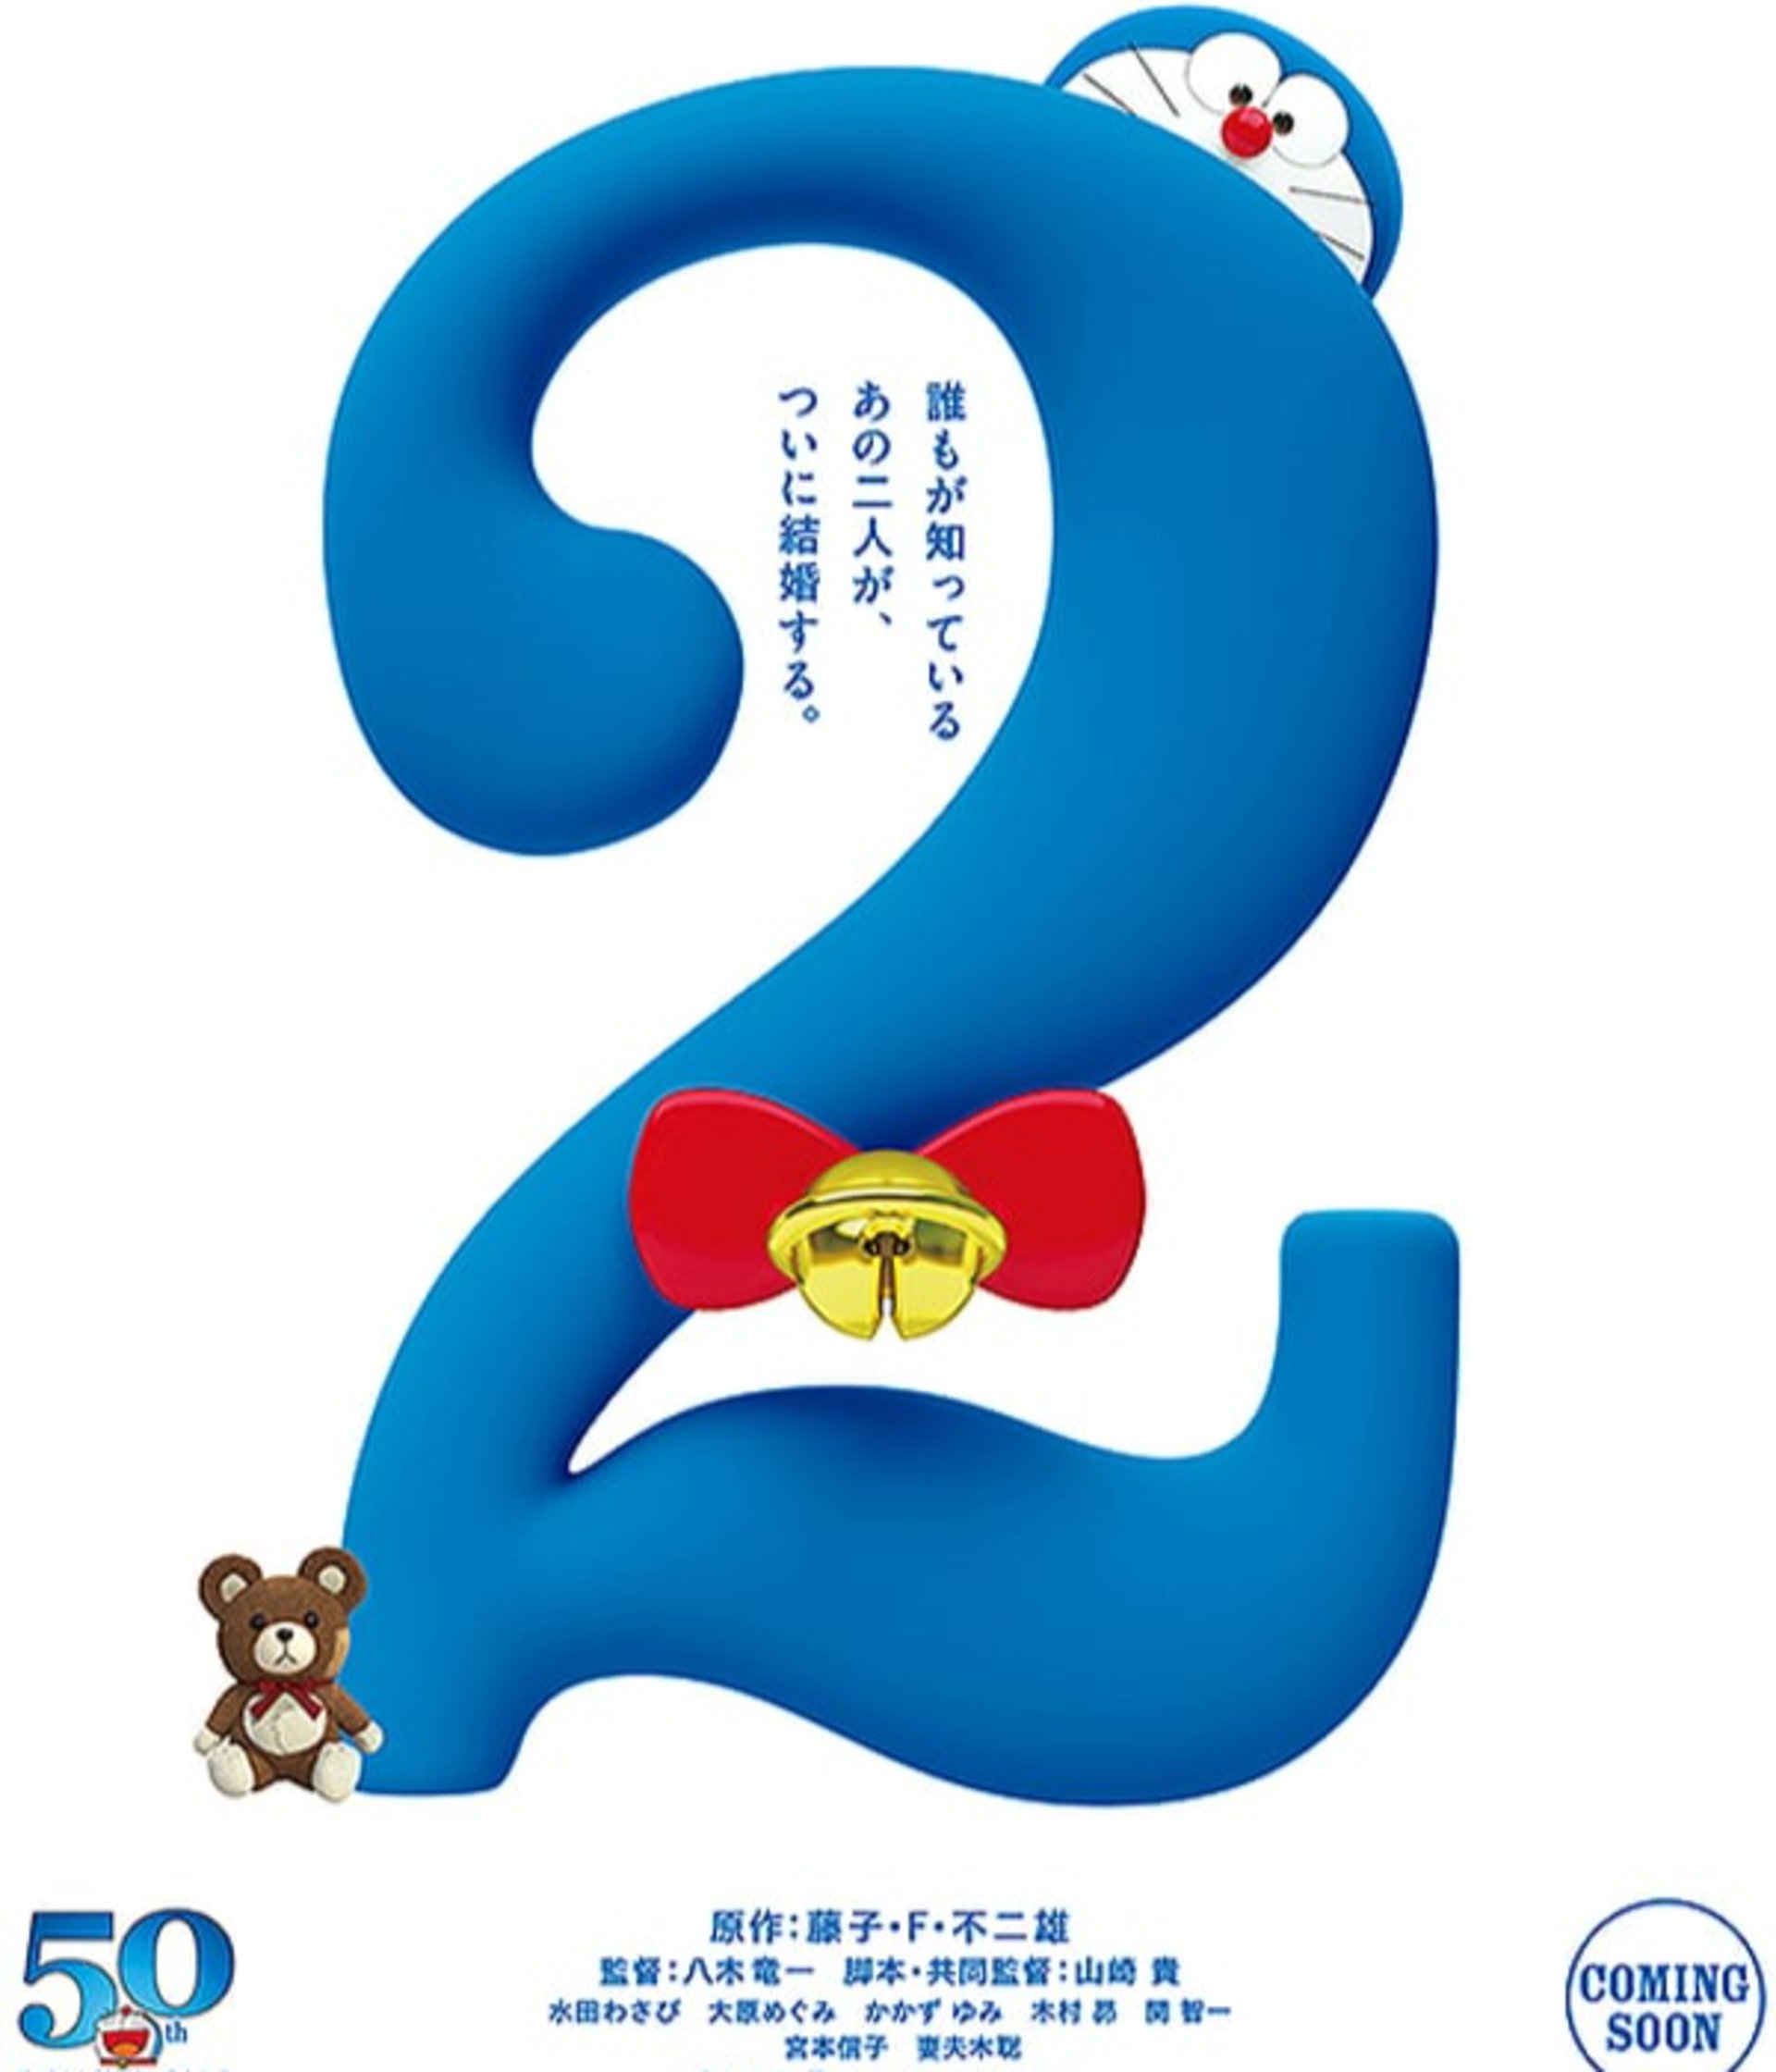 Nonton Stand By Me Doraemon 2 (2020) Mp4 Sub Indo LK21 ...